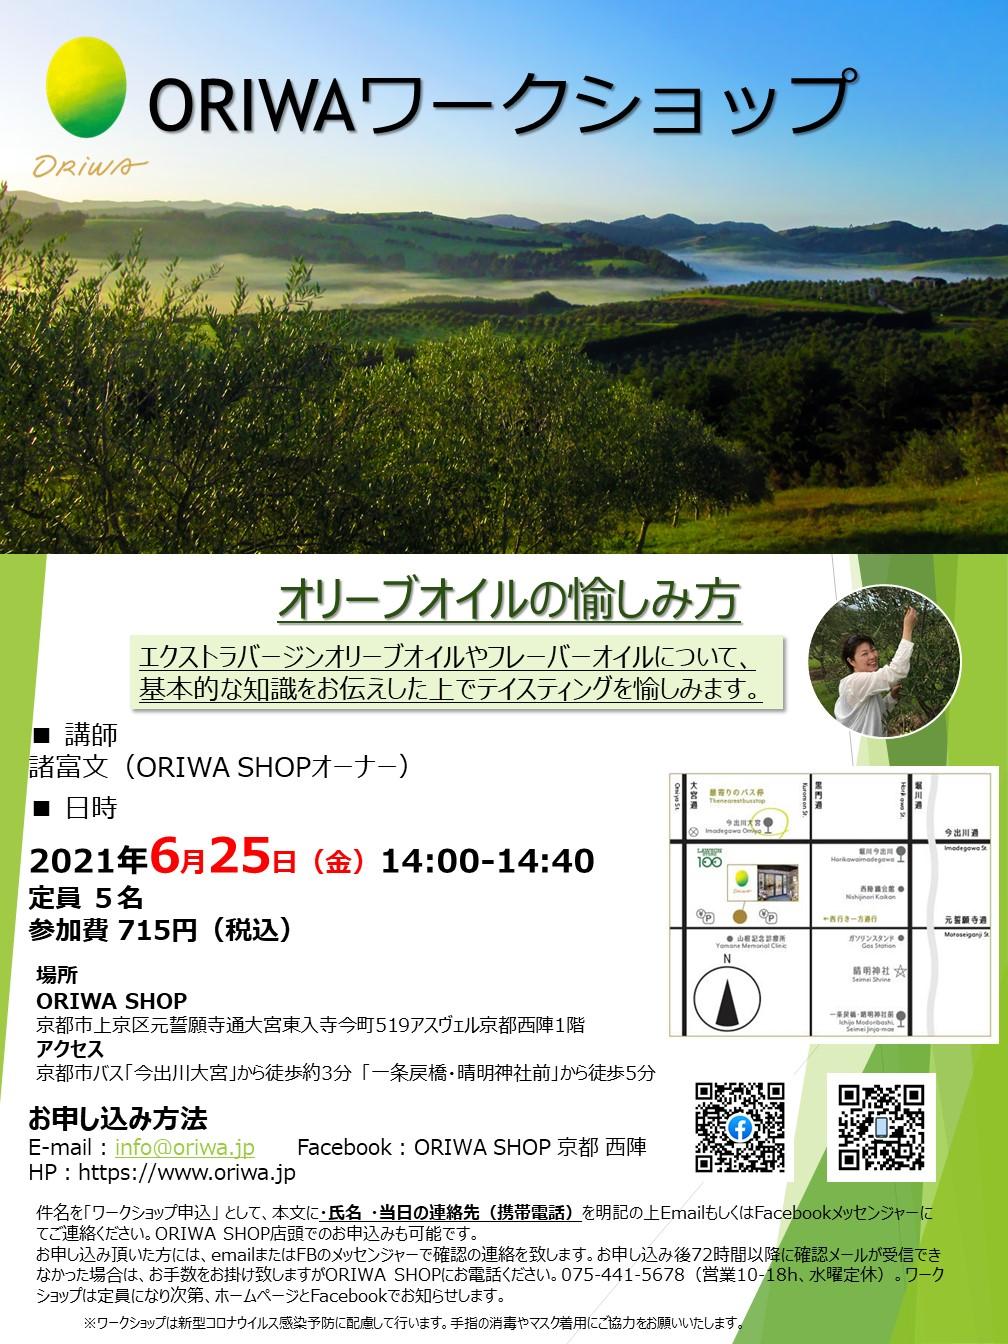 6/25(金)ORIWAワークショップ「オリーブオイルの愉しみ方」開催!